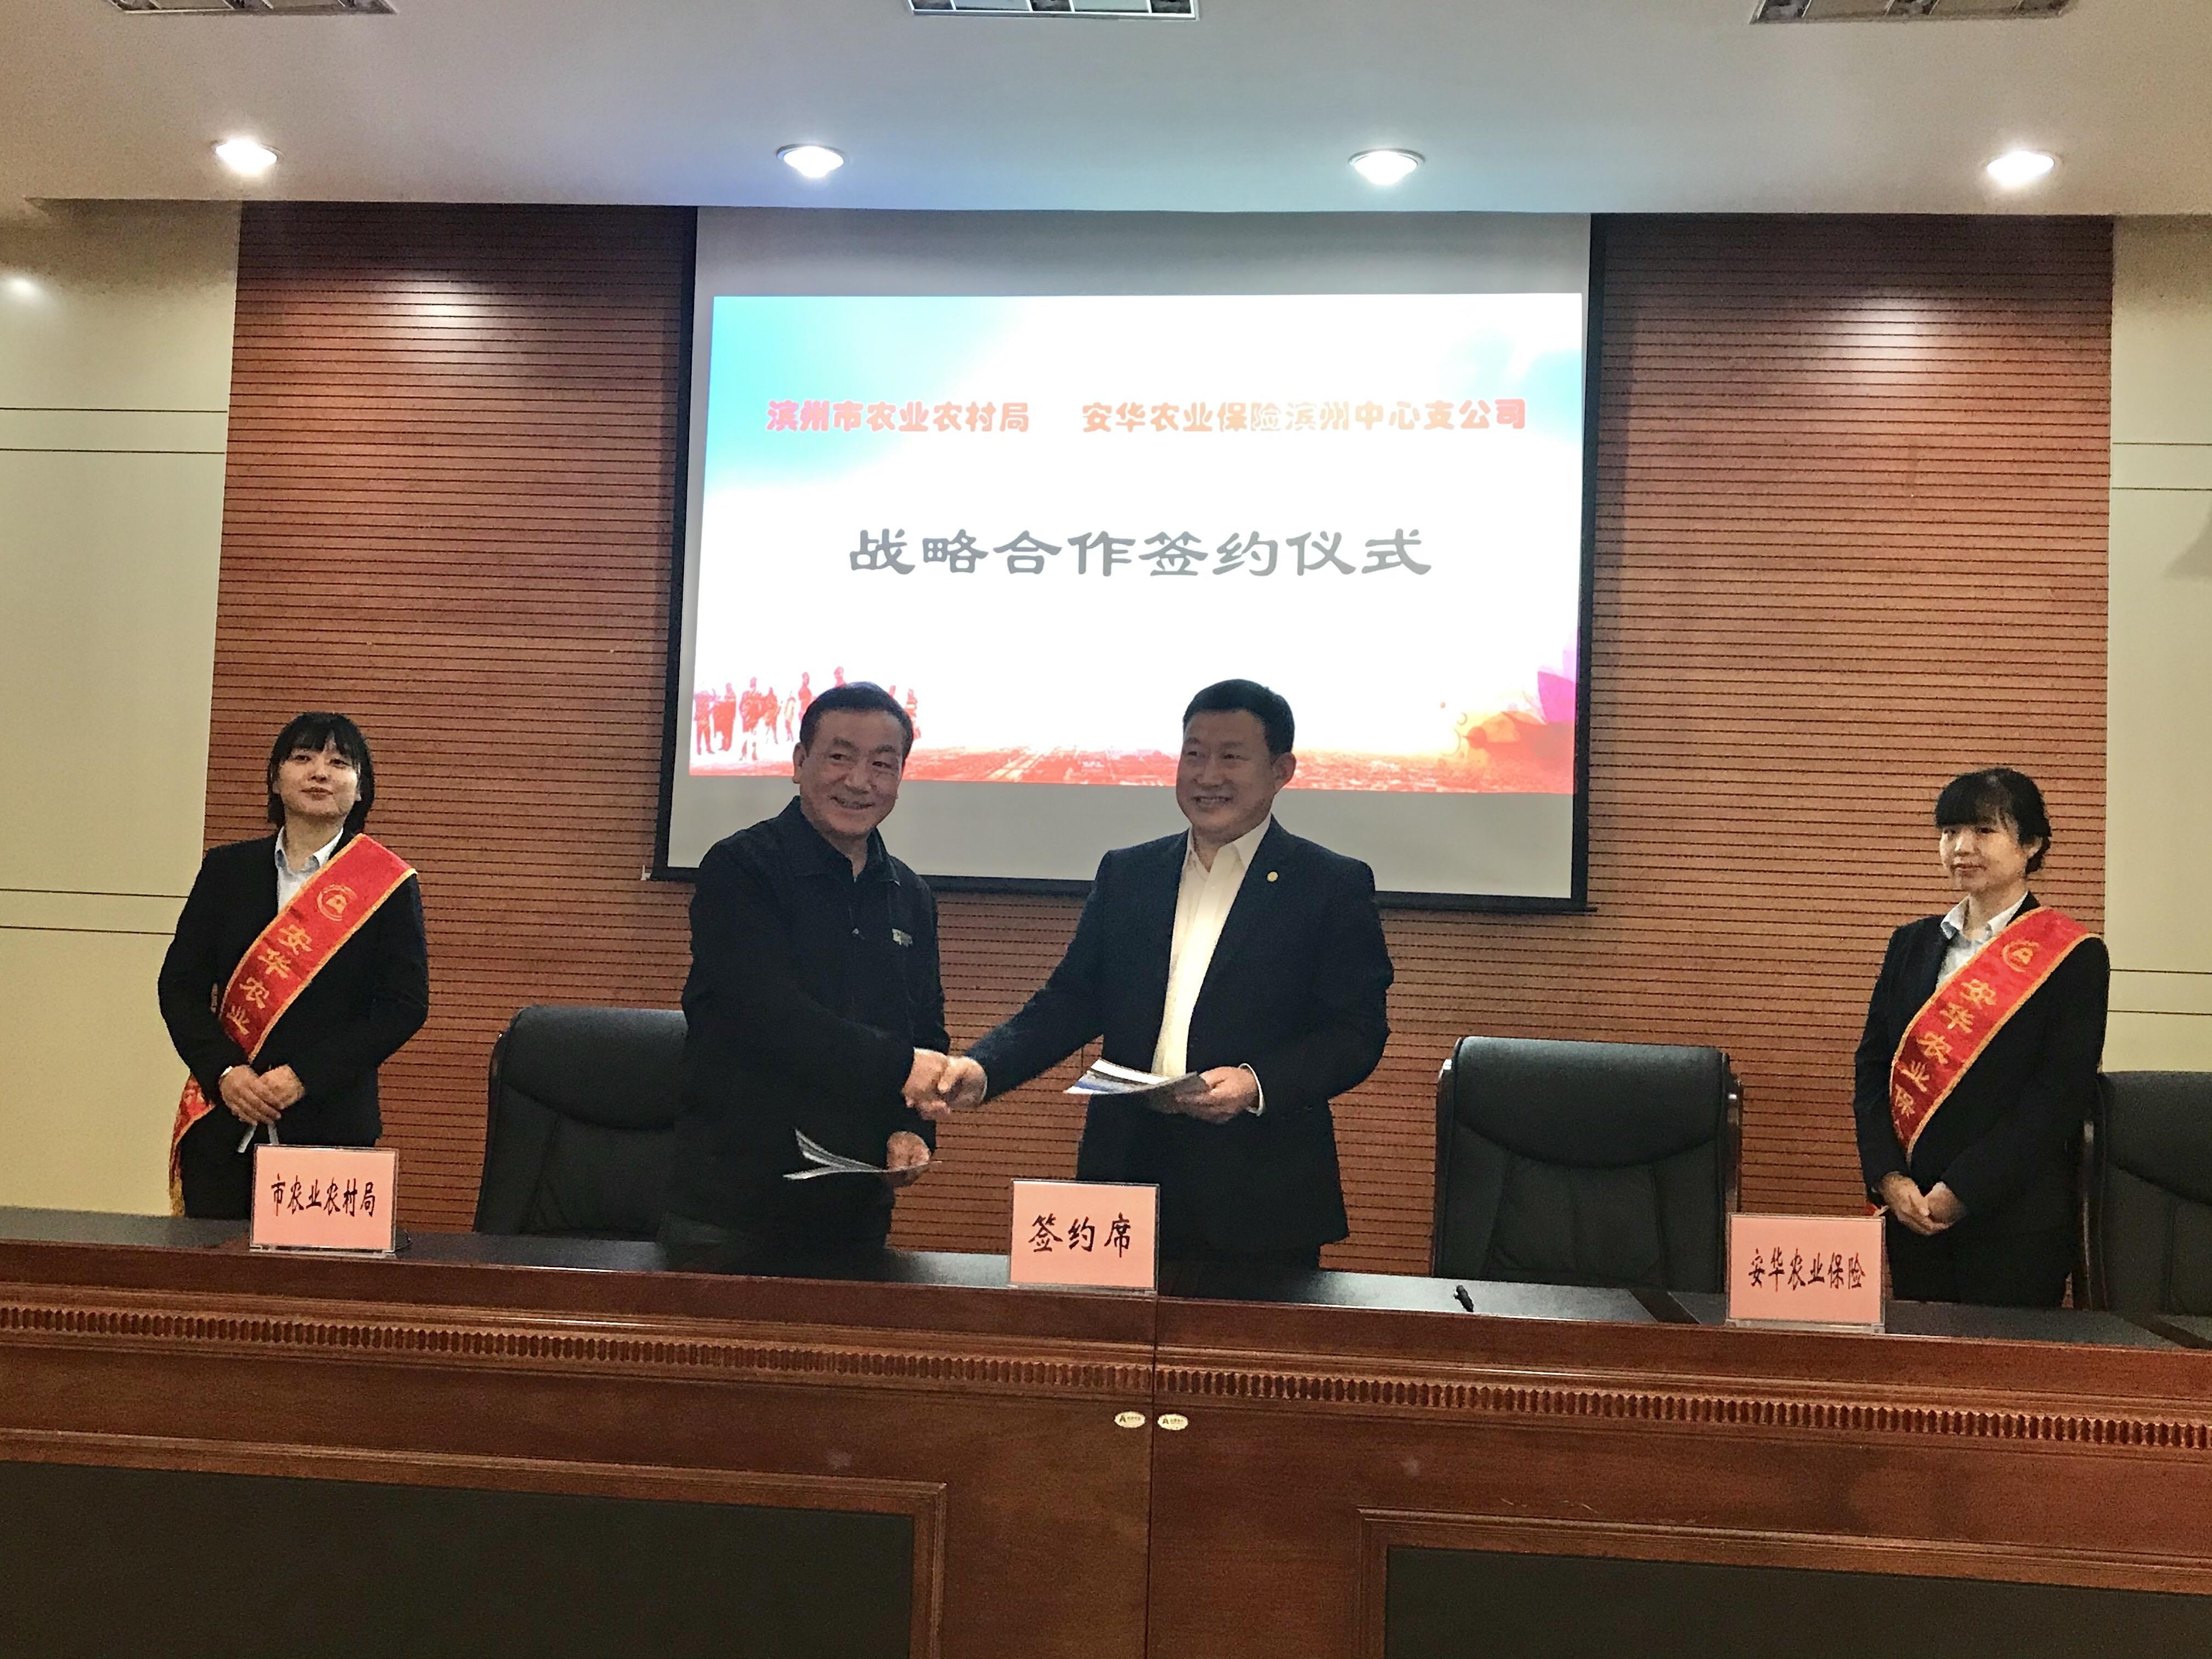 濱州市農業農村局與安華農業保險有限公司簽署戰略合作協議